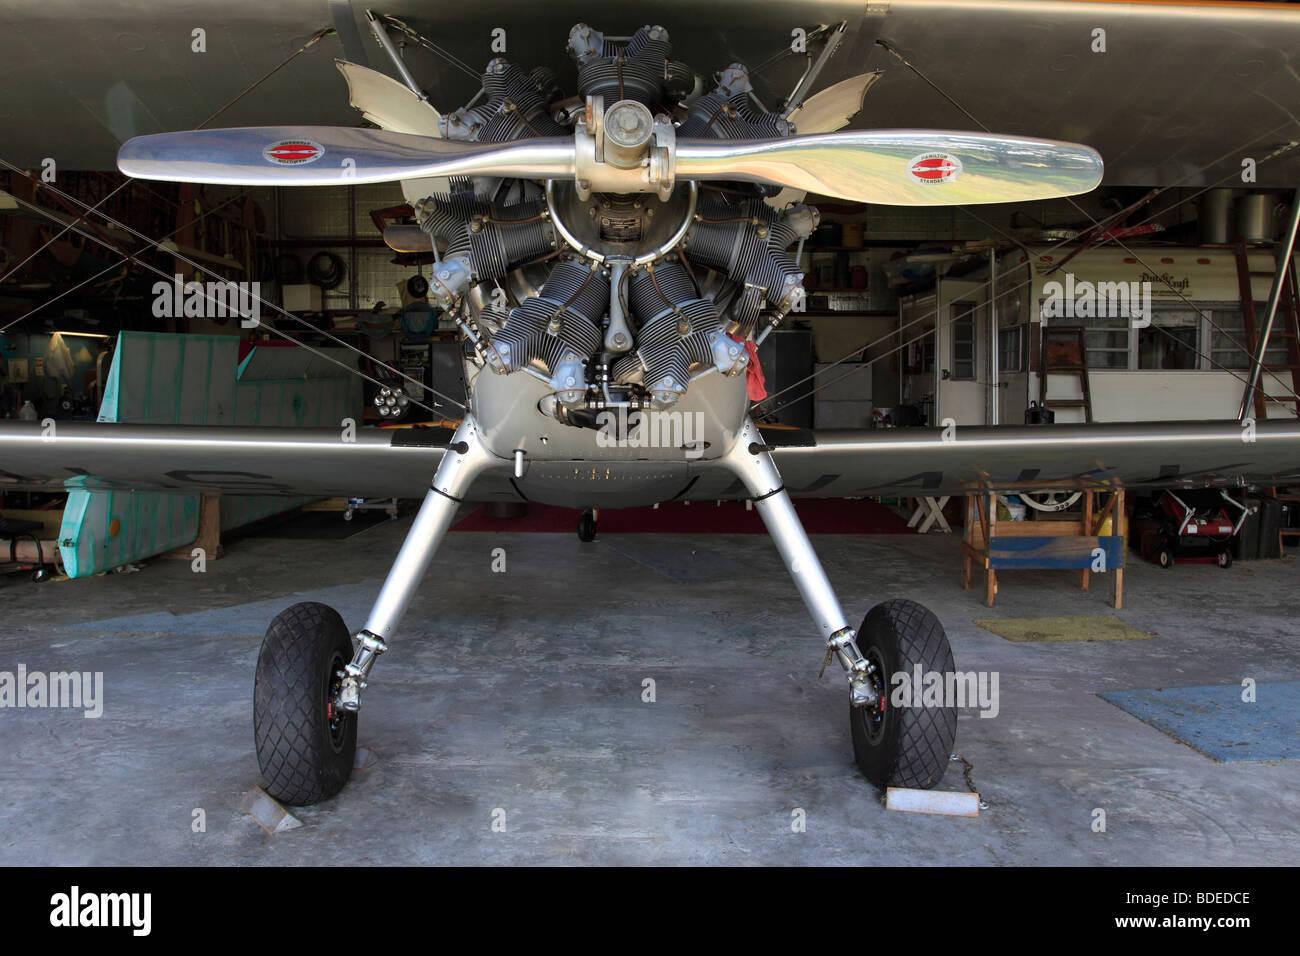 Bi-plane with radial engine, Bayport Aerodrome, Long Island, NY - Stock Image